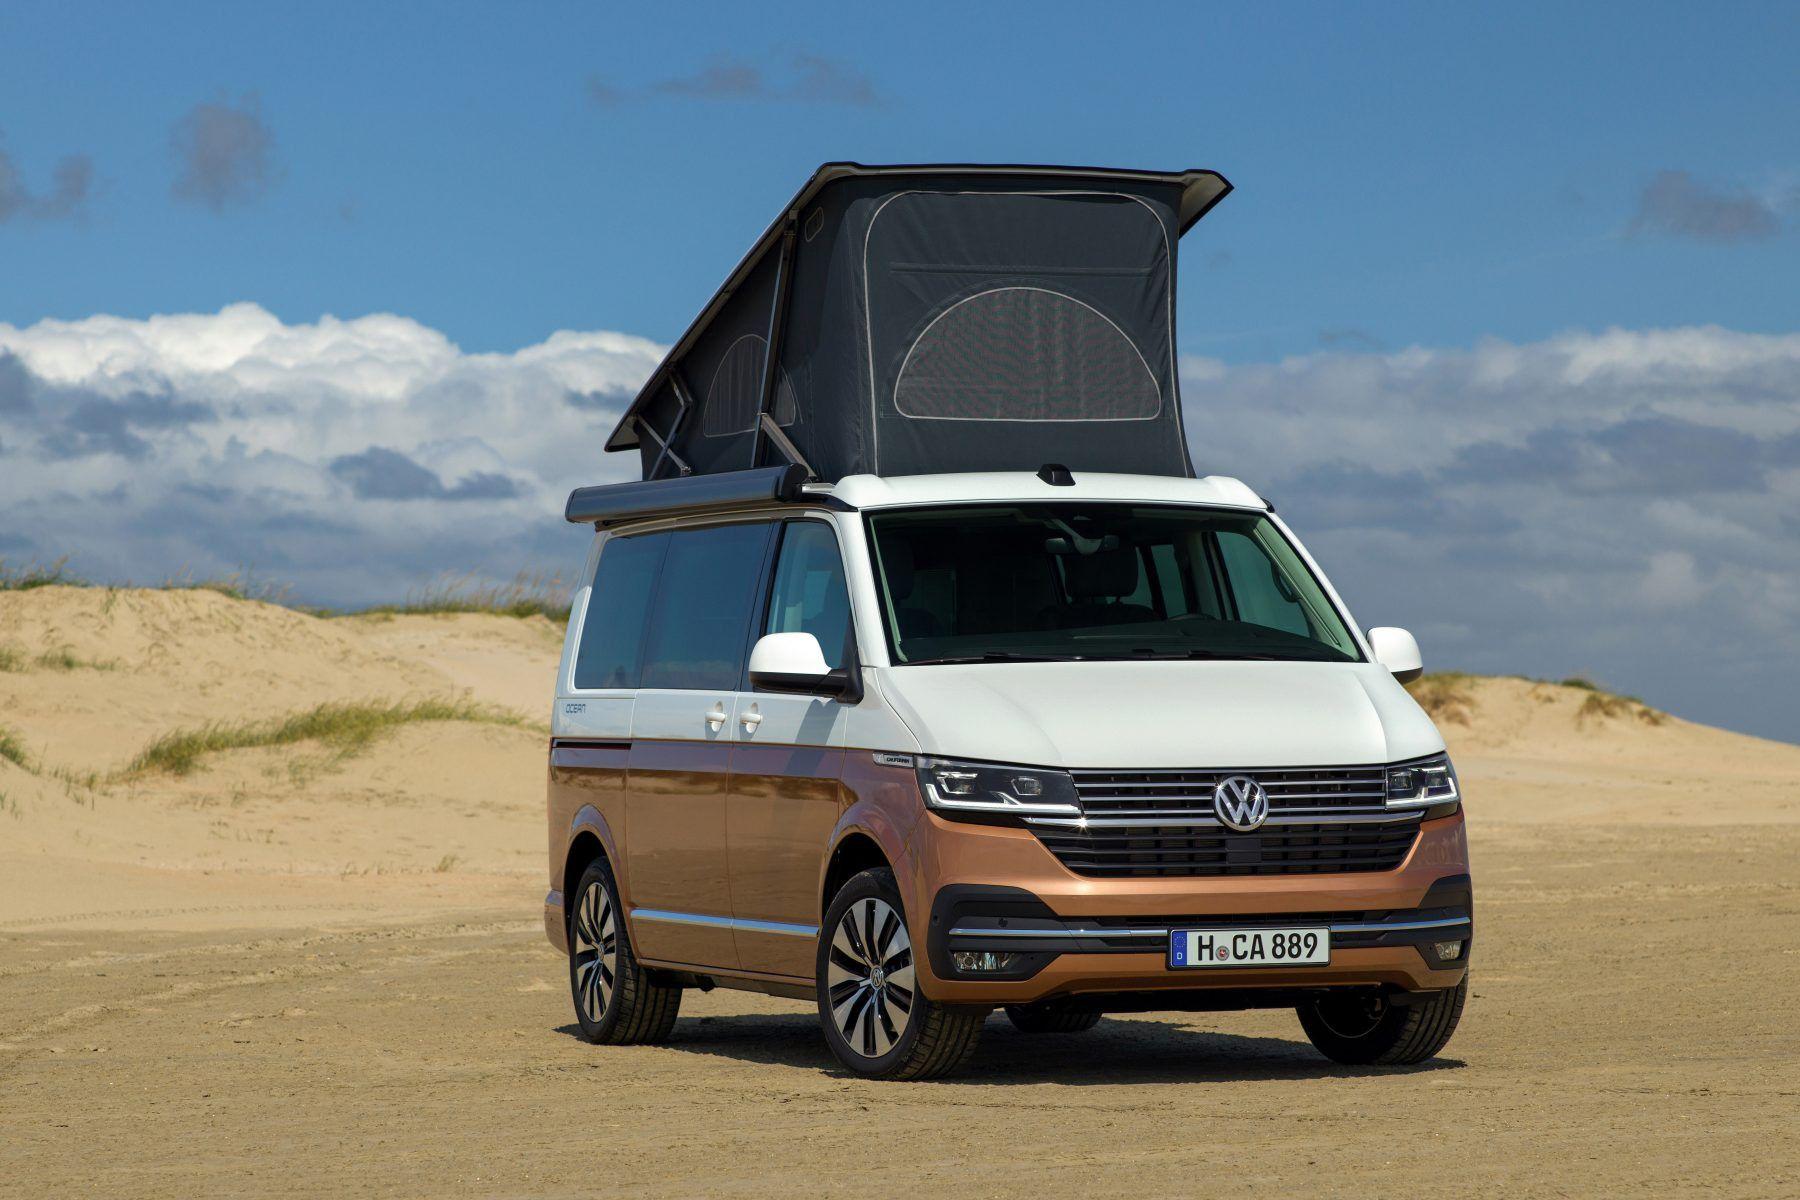 Outdoor Lifestyle Volkswagen California In 2020 Vw California Camper Volkswagen Camper Vw Campervan